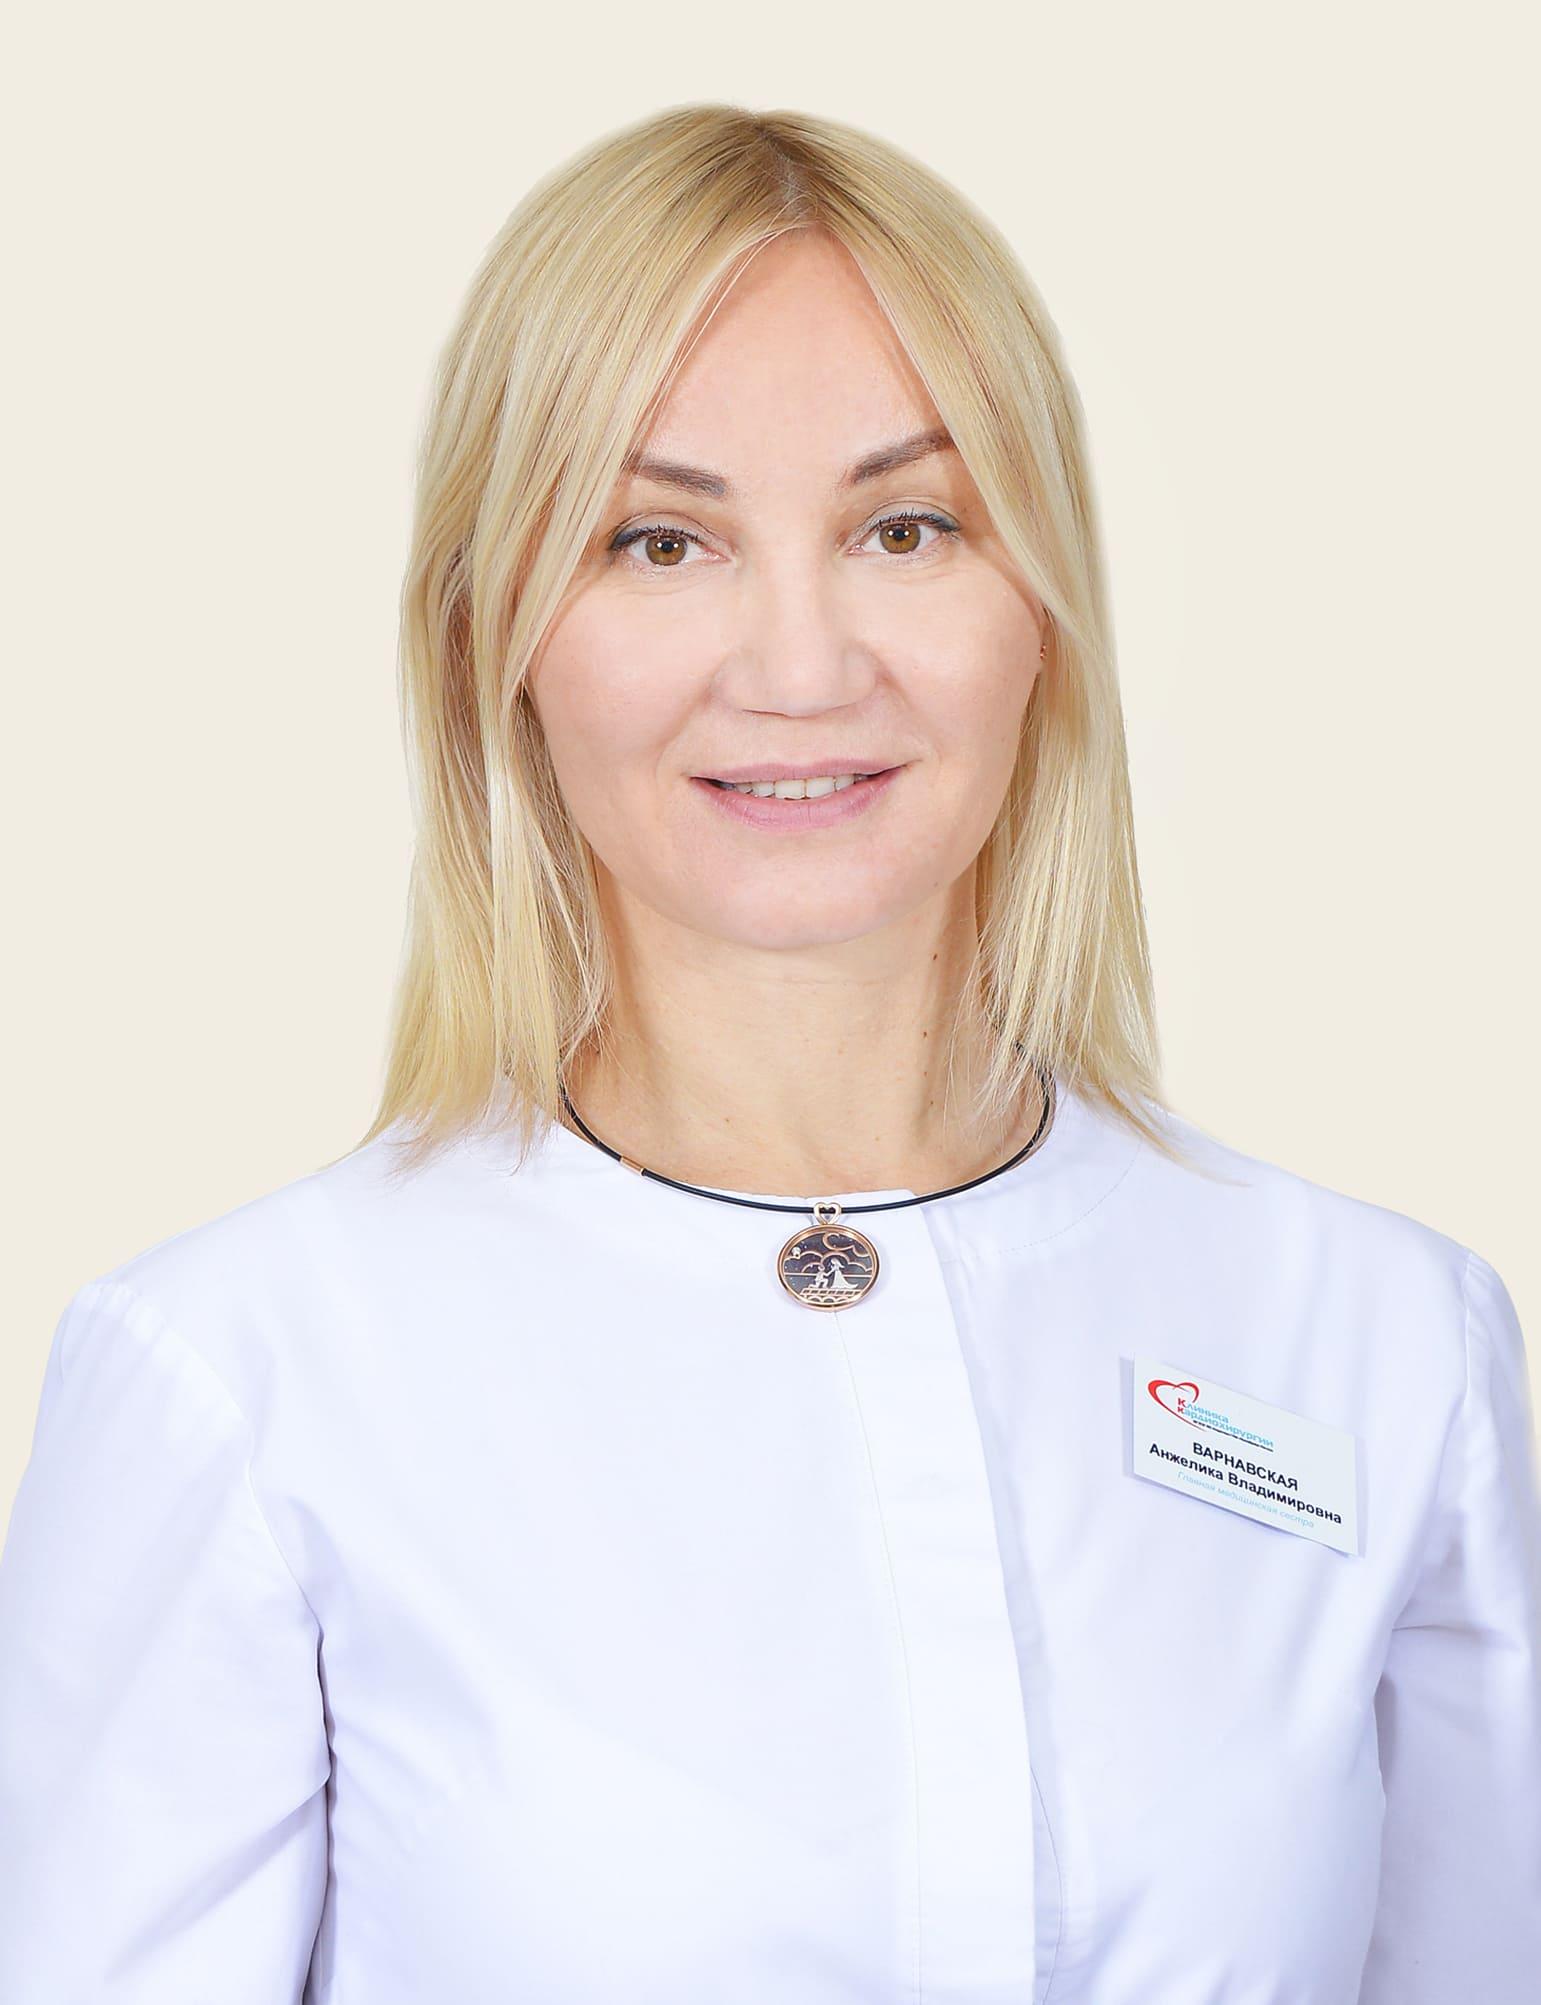 Варнавская Анжелика Владимировна